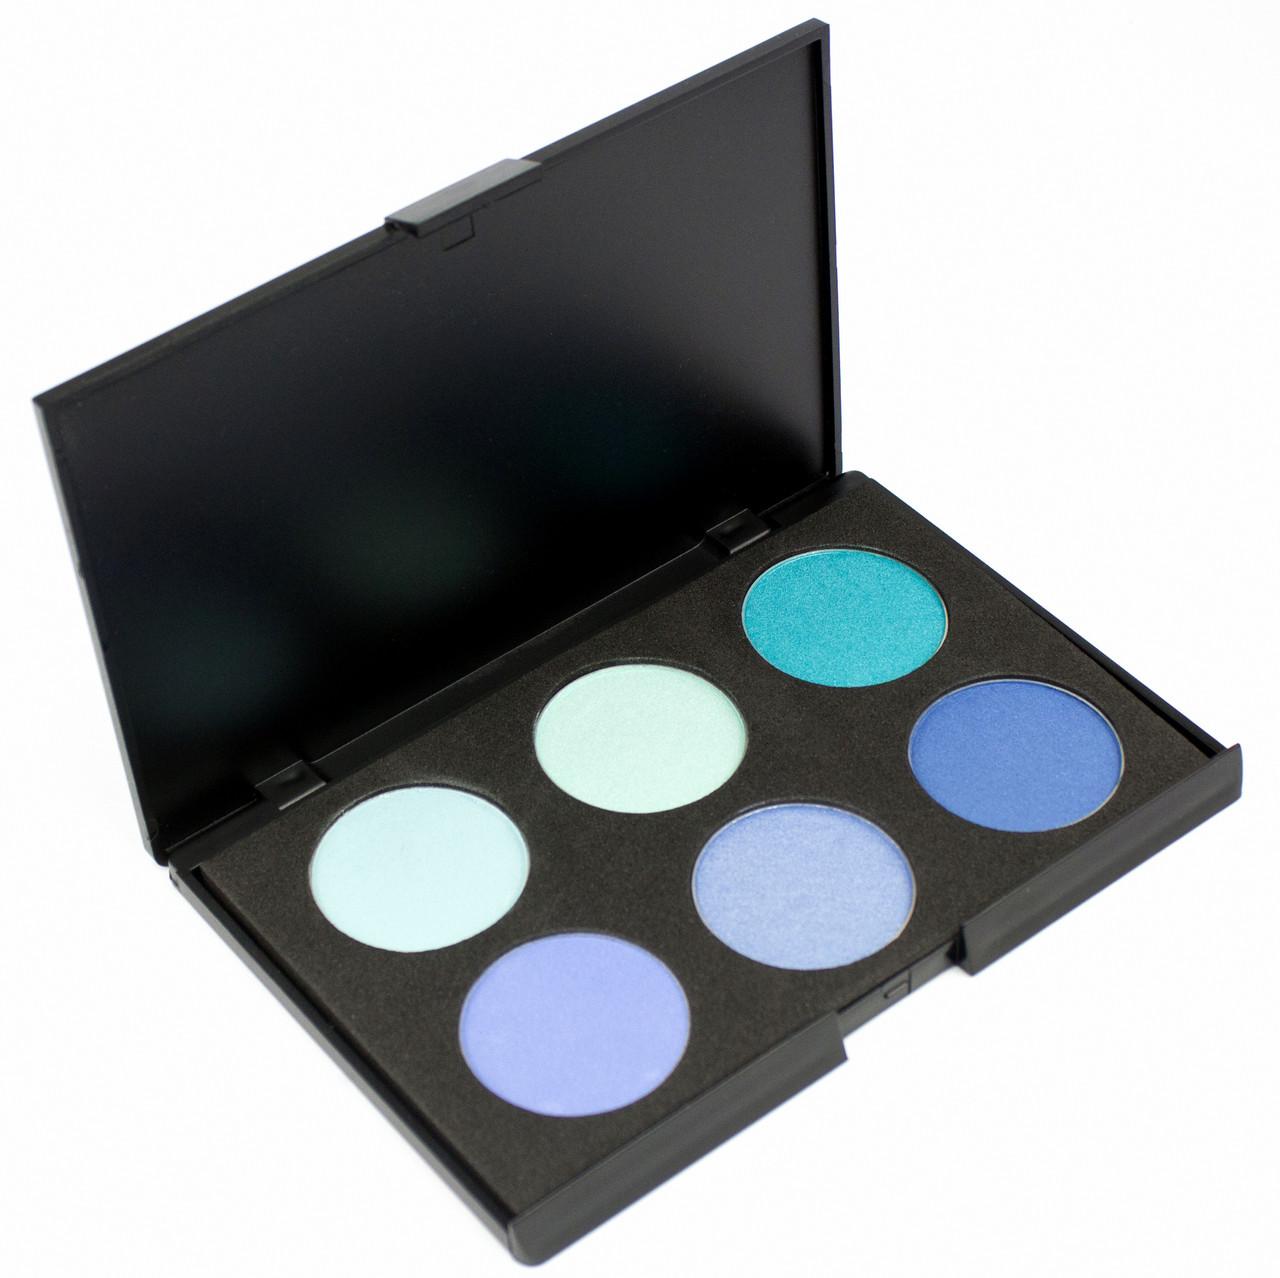 Набор теней для век 6 цветов Beauties Factory Eyeshadow Palette #06 - EMERGING OCEAN, фото 1